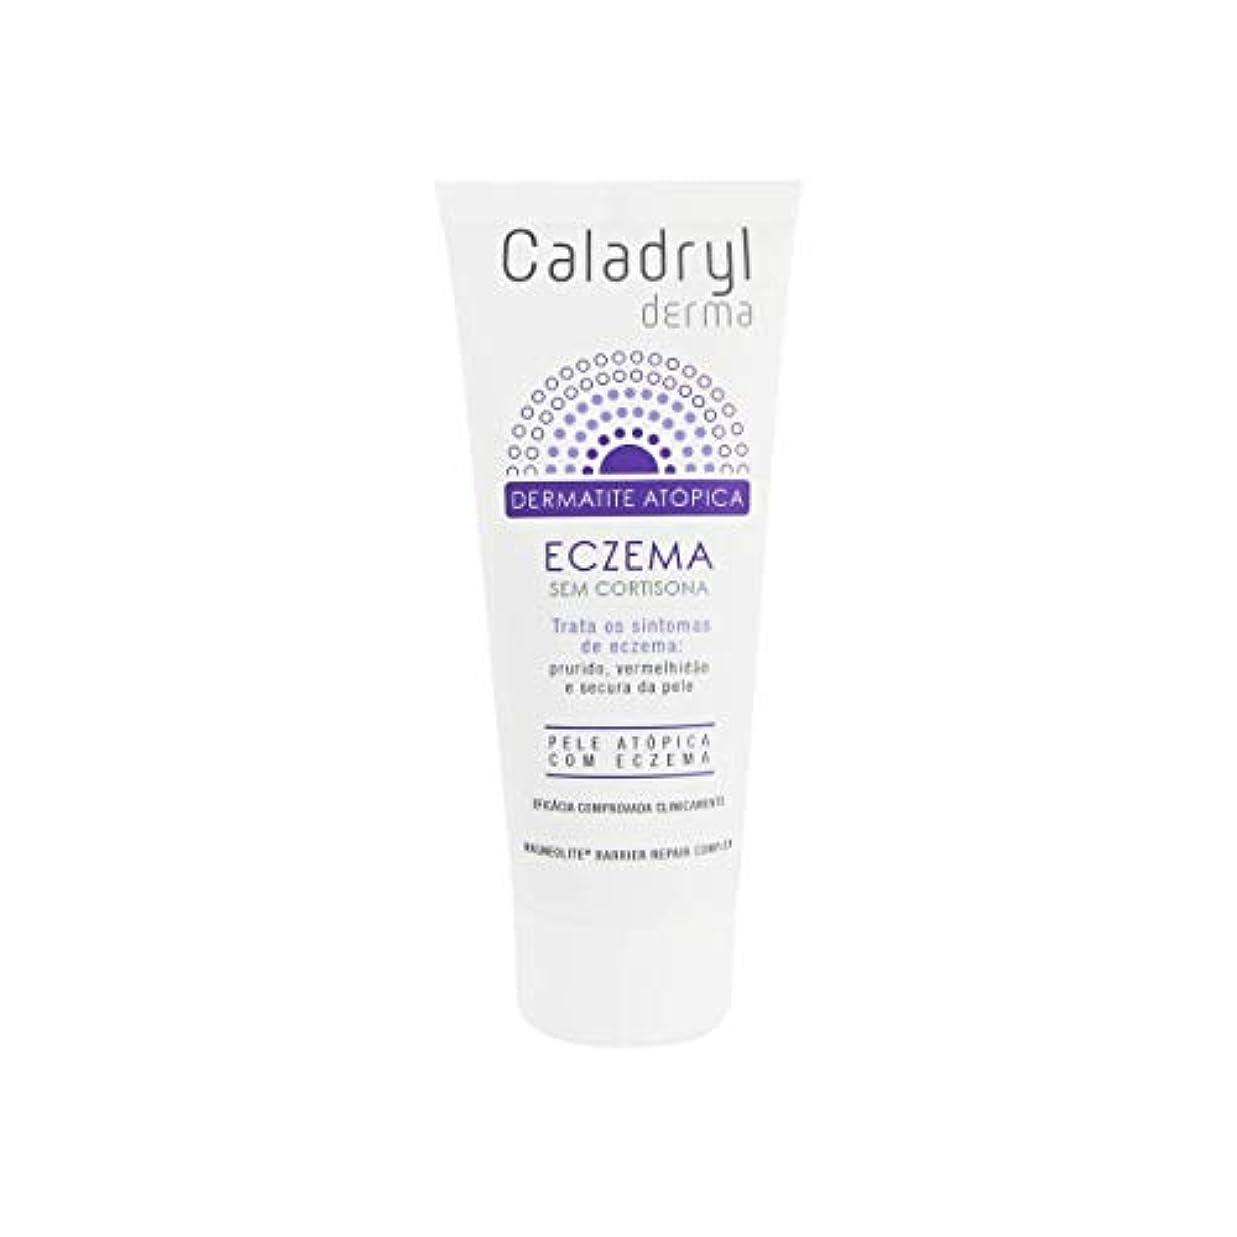 羊飼いジョージスティーブンソン汚染するCaladryl Atopic Dermatitis Eczema 30g